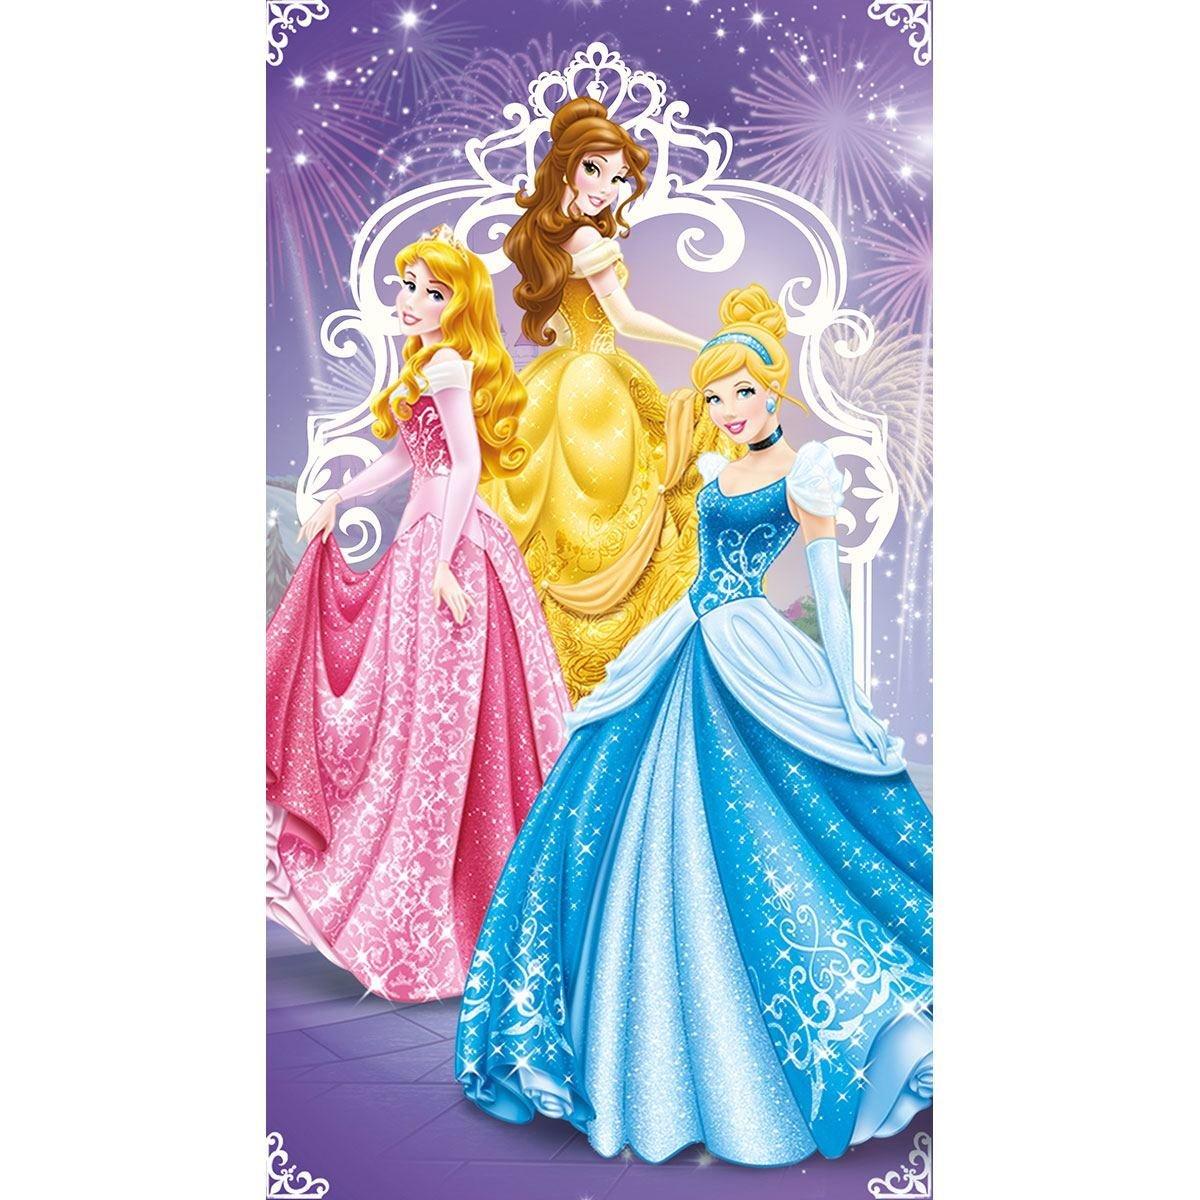 Детские открытки с принцессами, ретро открытки картинках